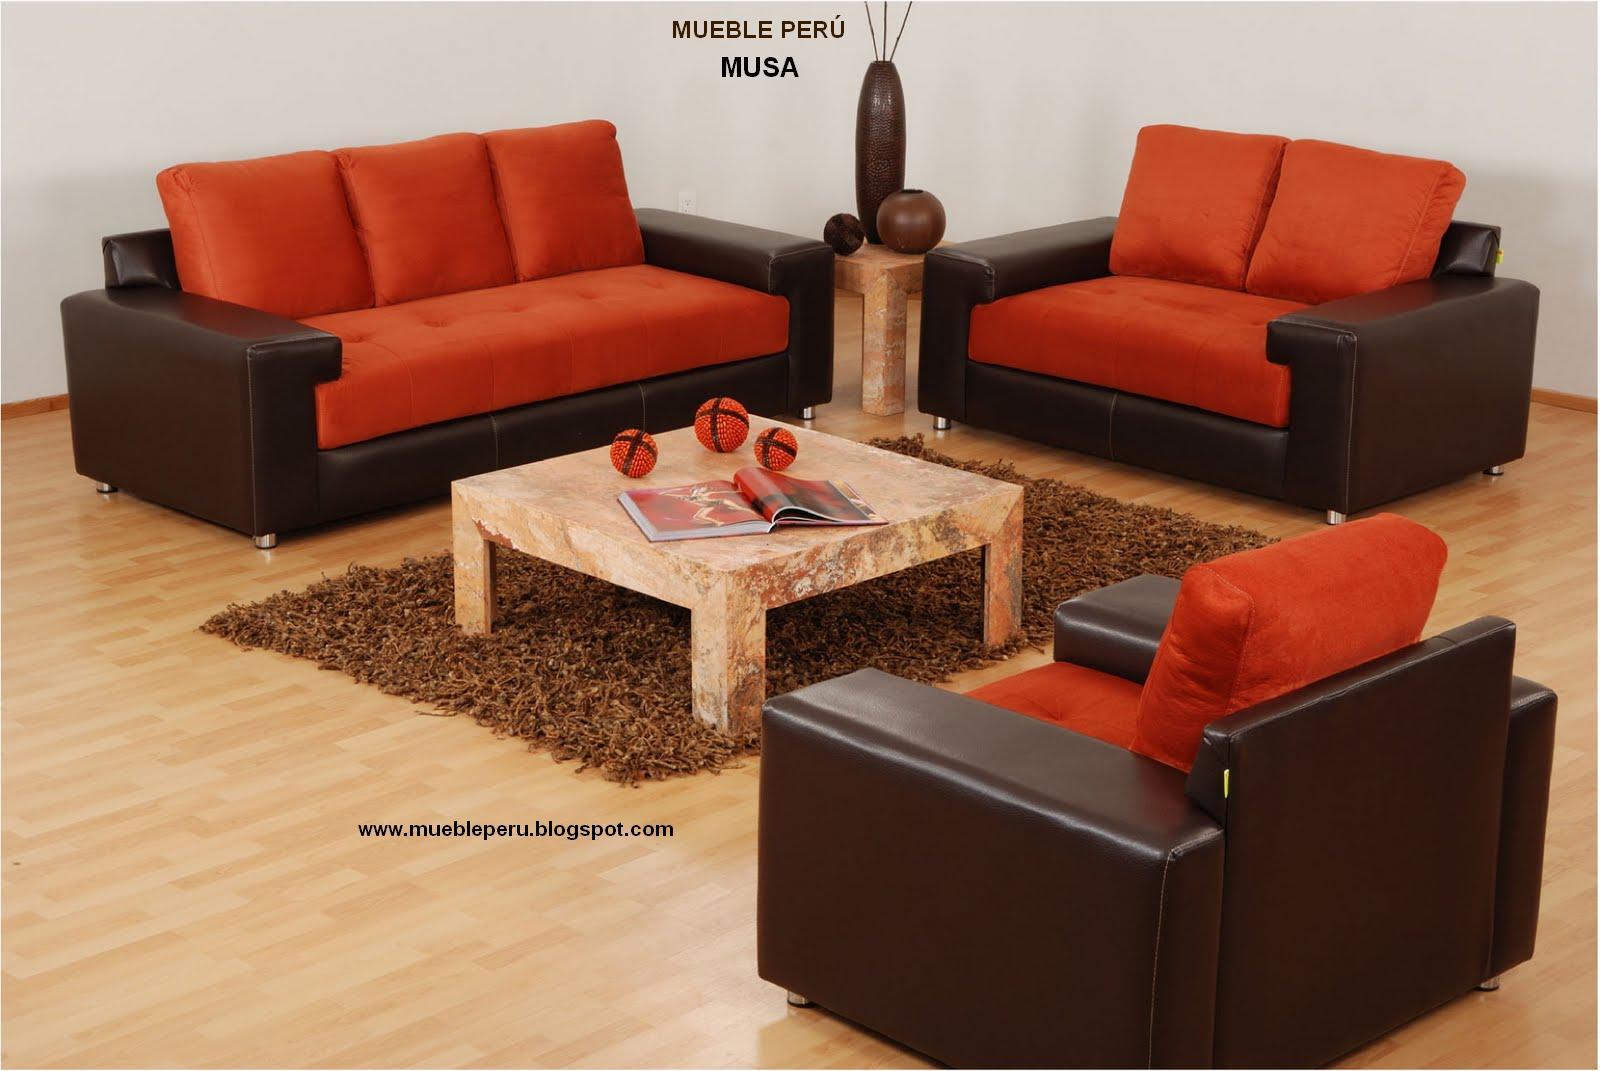 Diunsa muebles de sala obtenga ideas dise o de muebles for Muebles para sala modernos